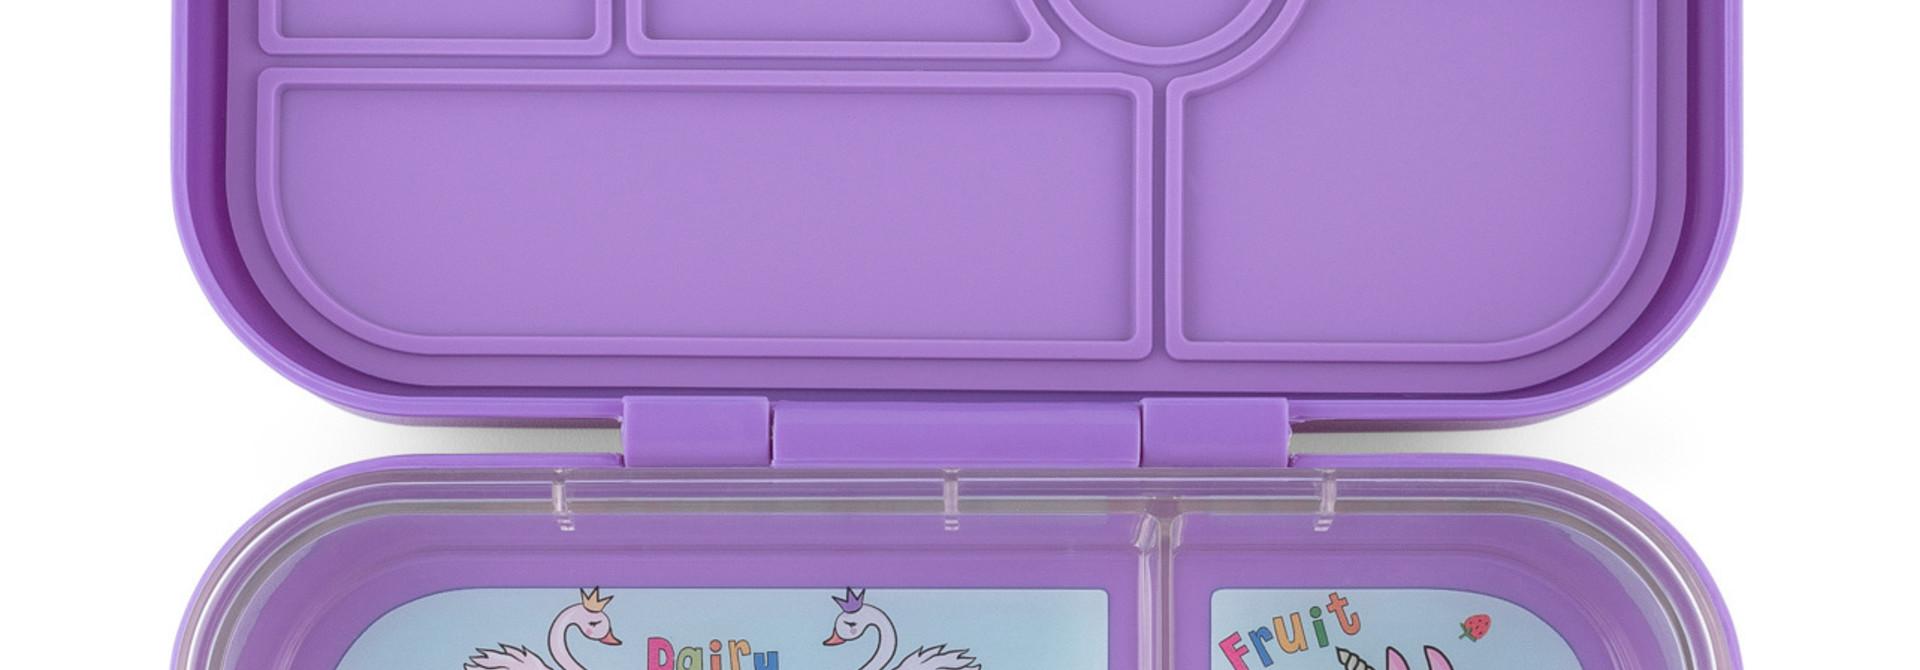 Yumbox Original 6-vakken Dreamy paars / Unicorn tray